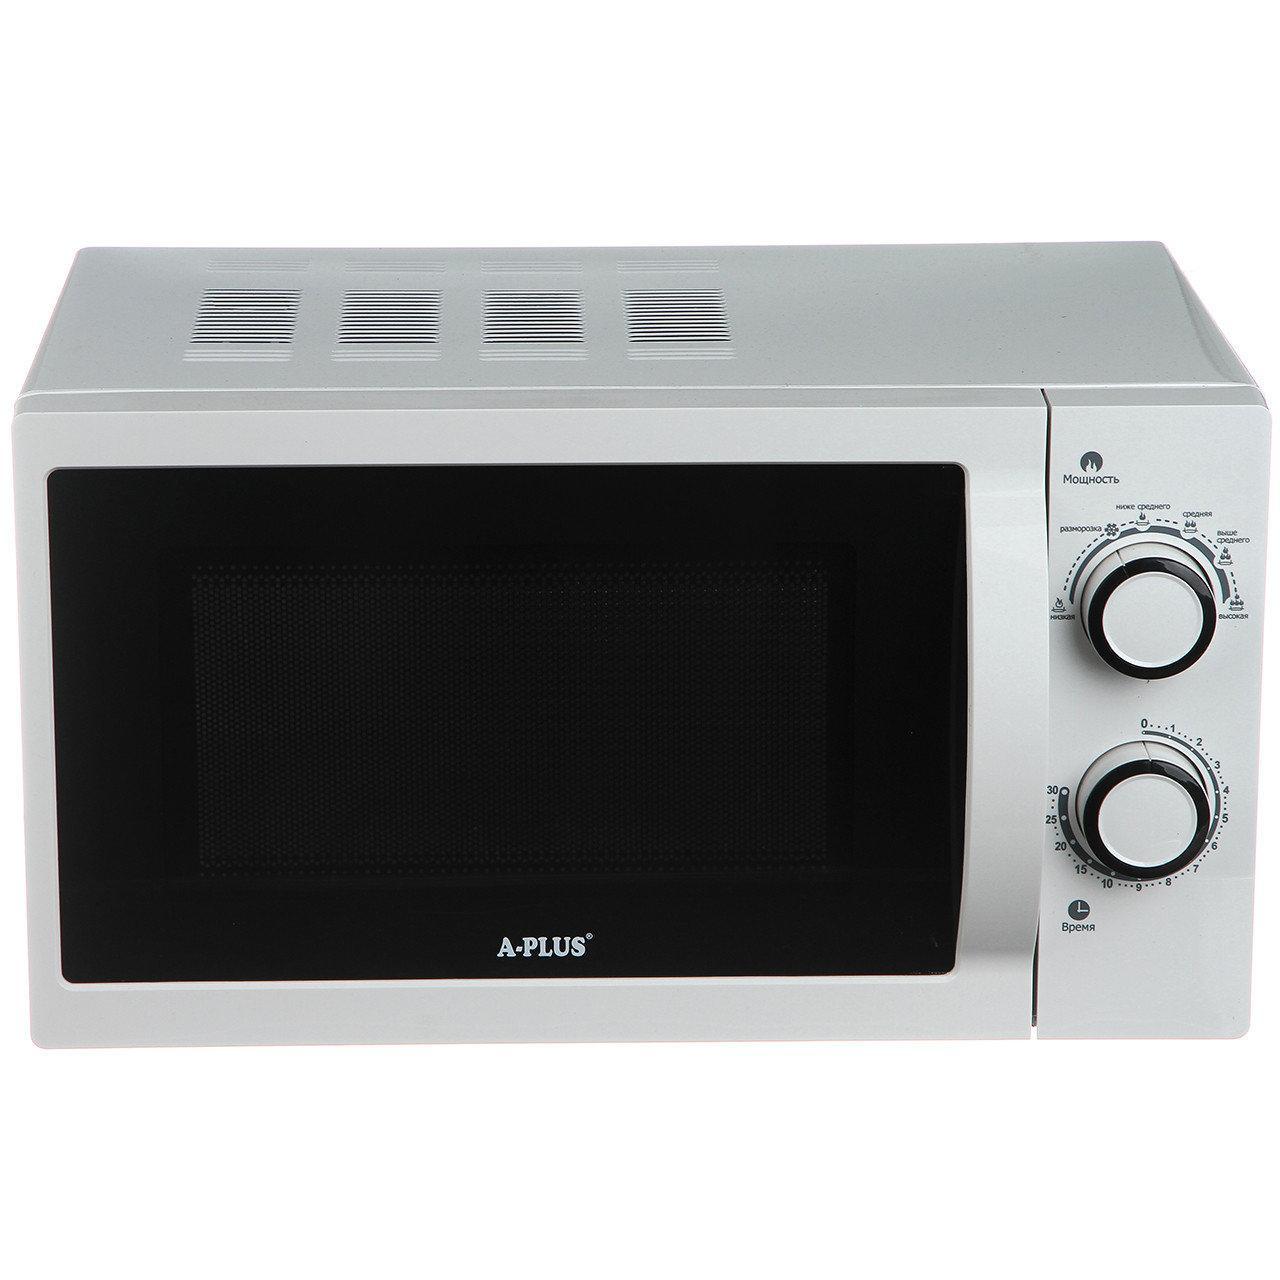 Микроволновая печь свч A-PLUS на 20 л 700 Ватт 1583 6 режимов мощности